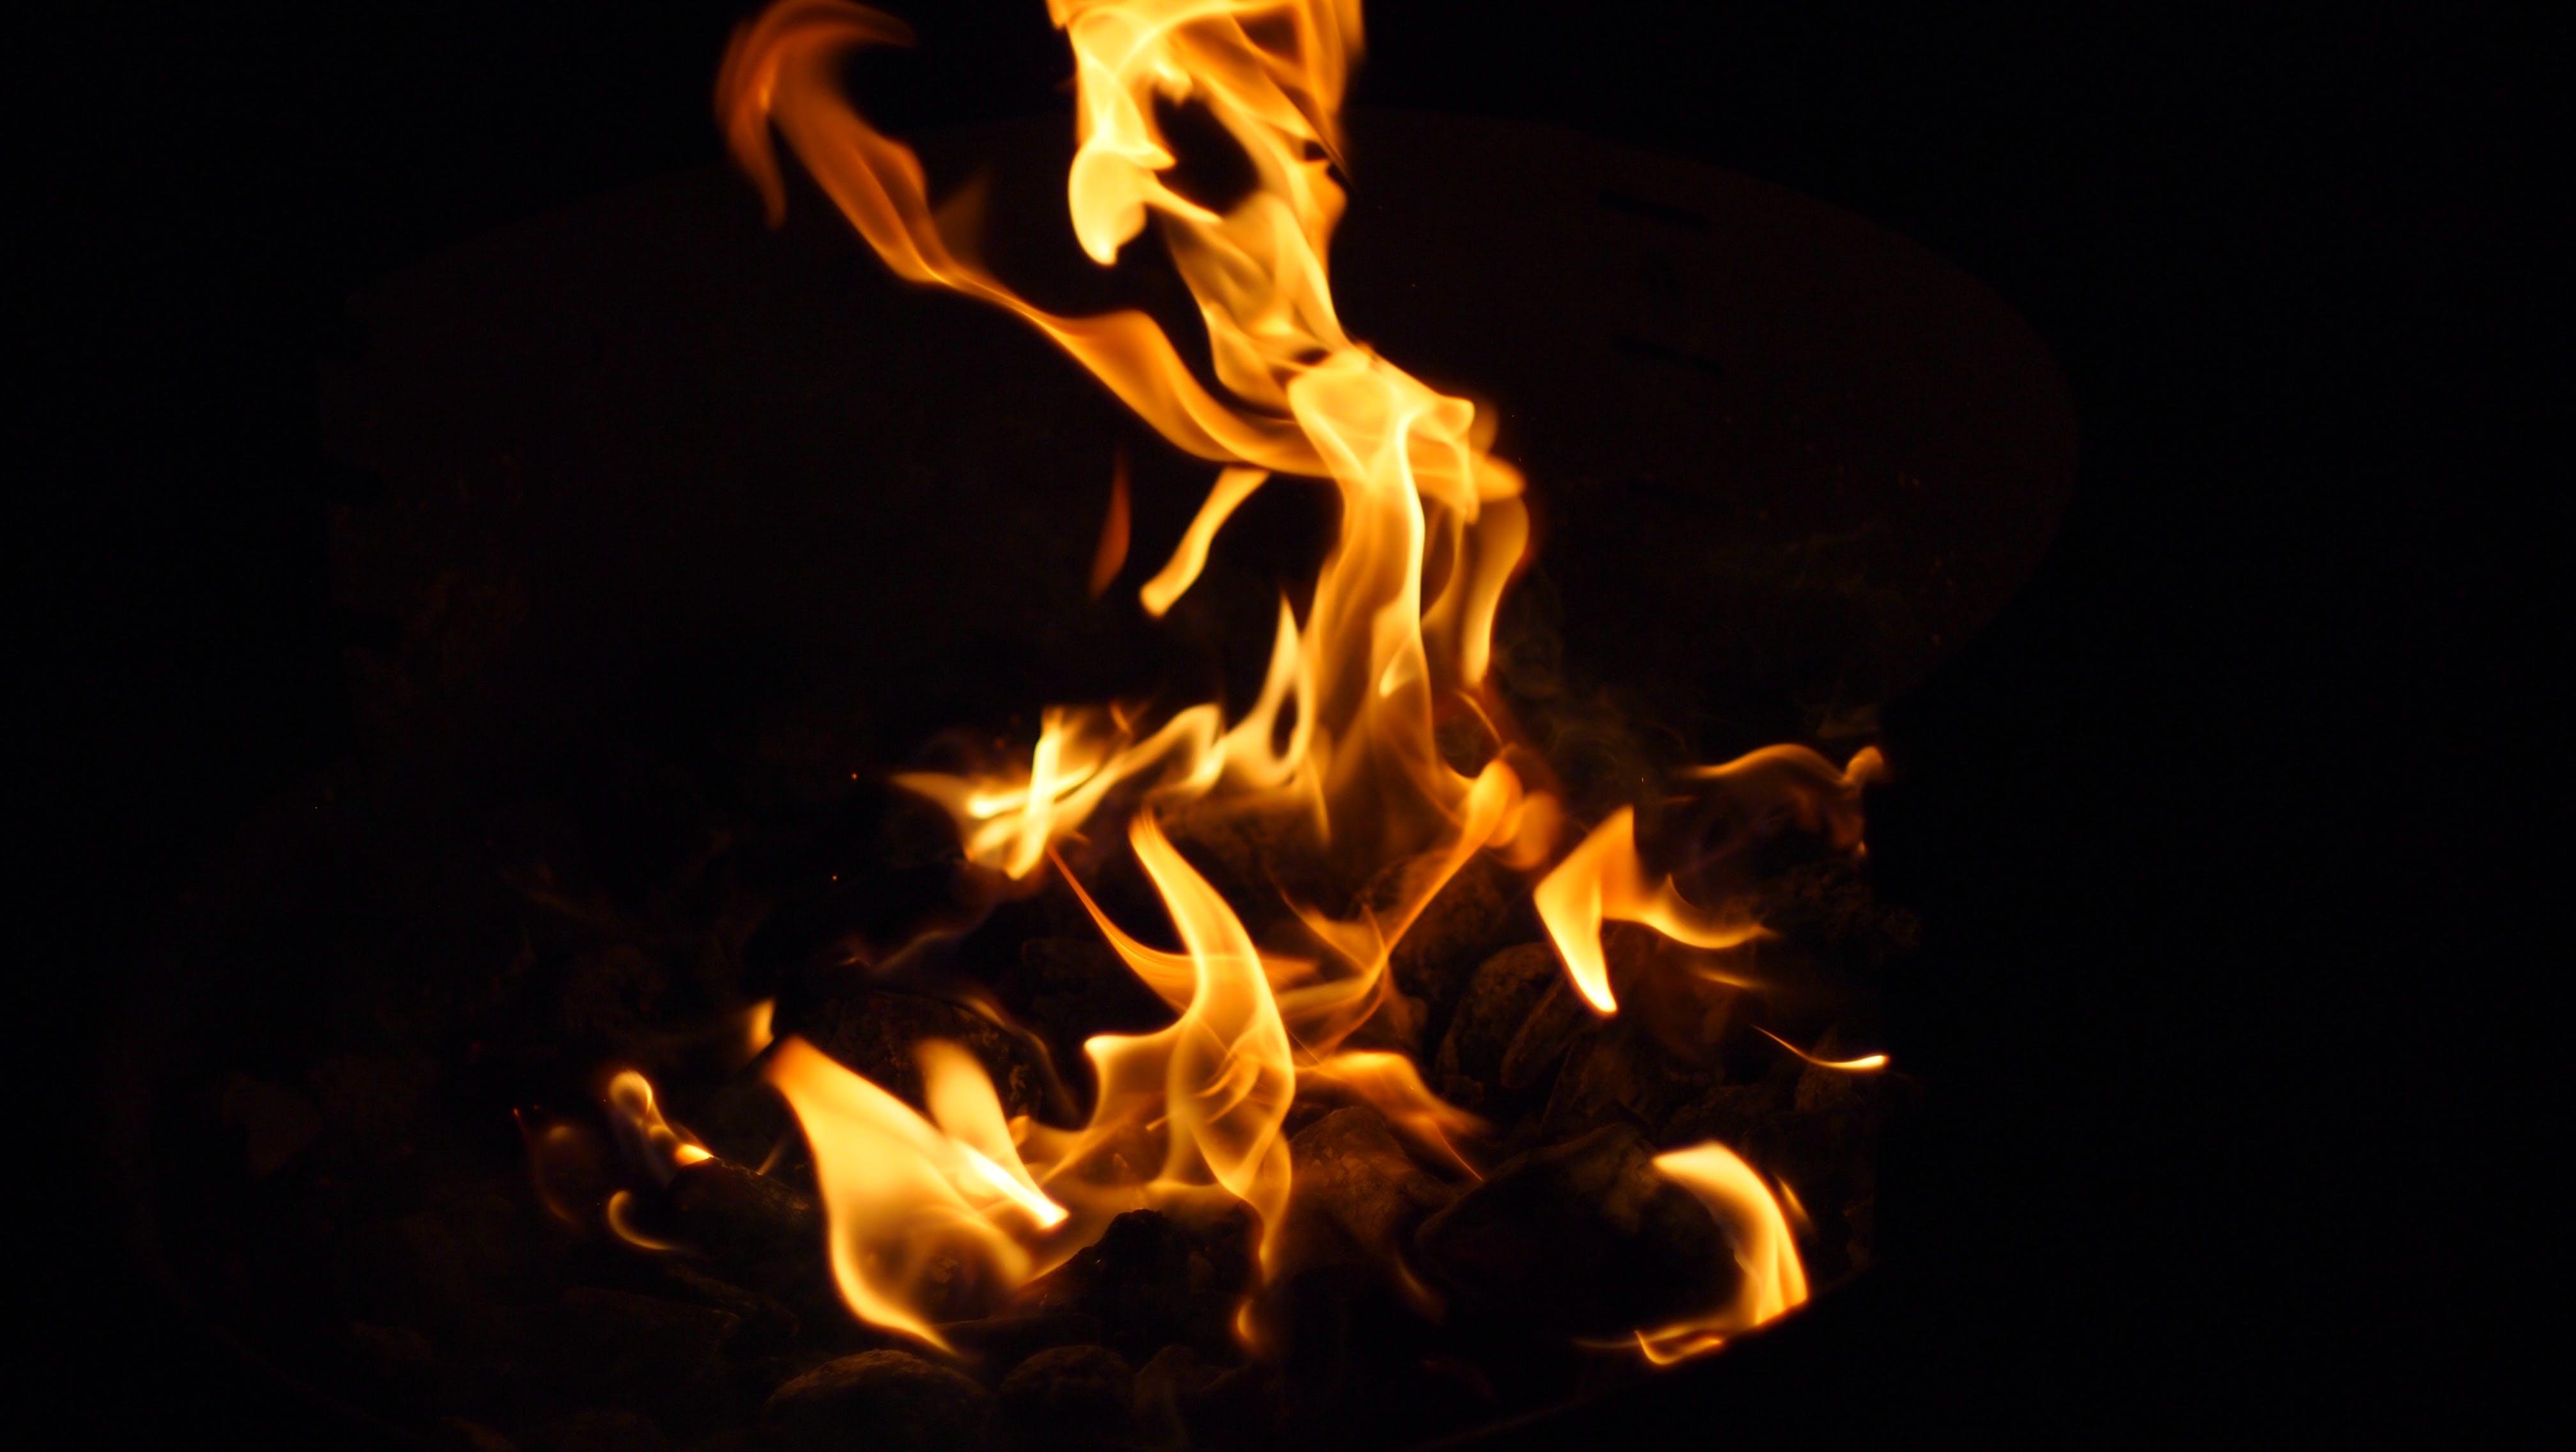 ブリケット, 火, 賄賂の無料の写真素材